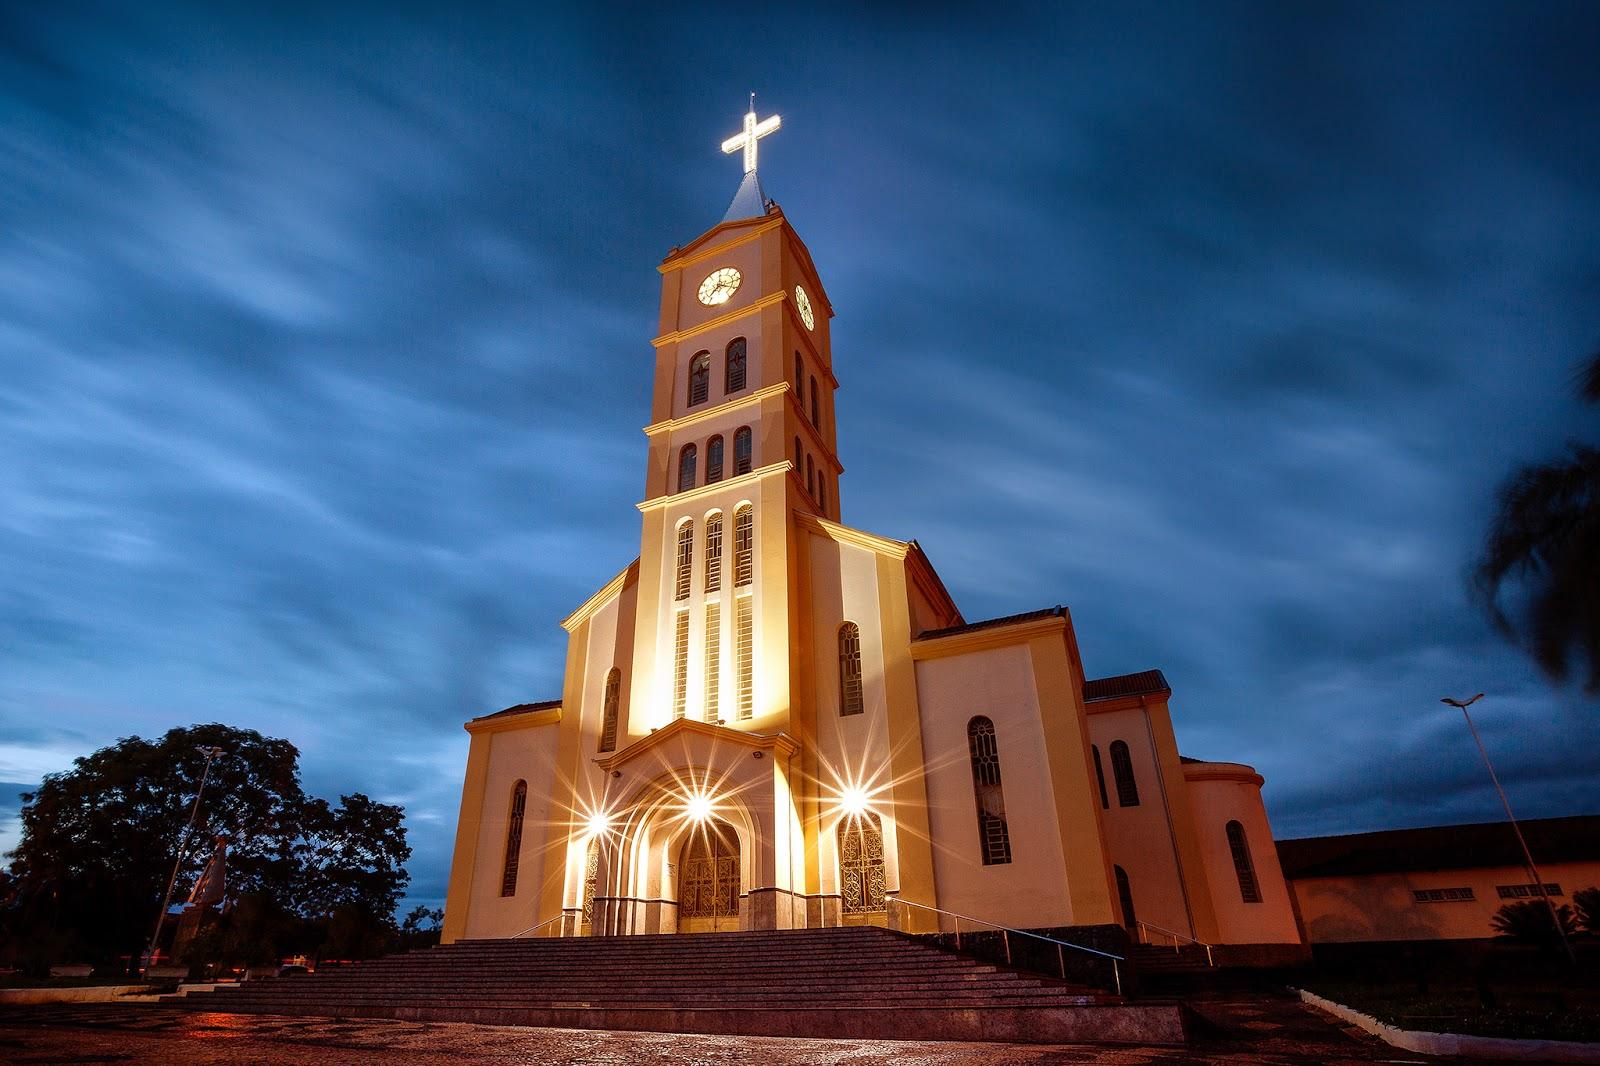 Cleber Carvalho-Longa Exposição-Andradina-SP-Terra do Rei do Gado-Igreja São Sebastião-Igreja São Sebastião Andradina-SP